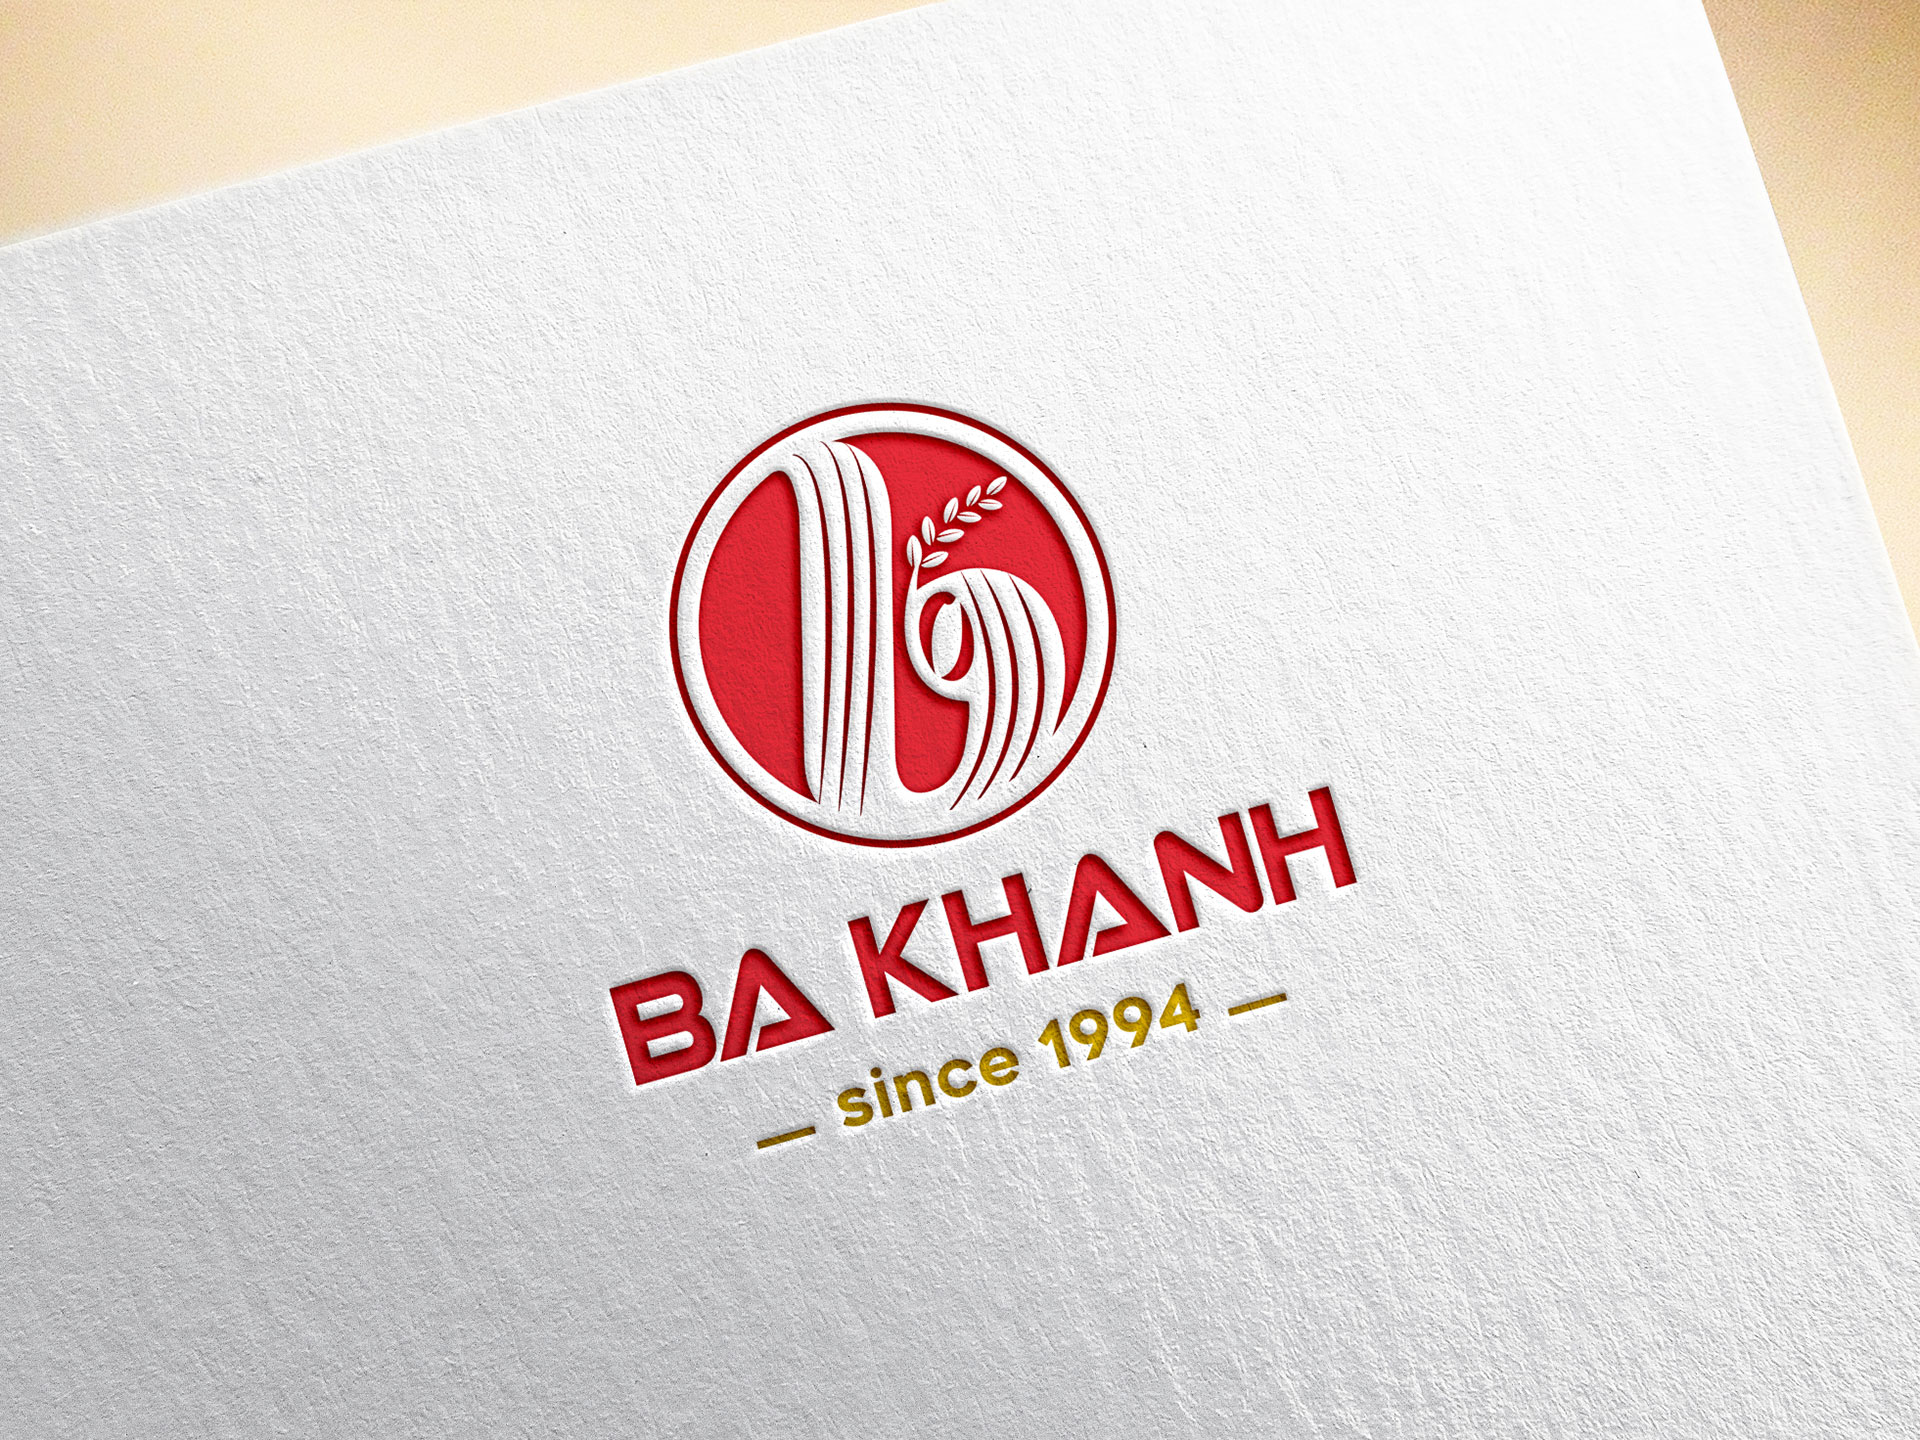 Thiết kế logo thương hiệu Cơ sở sản xuất Ba Khánh tại TP HCM